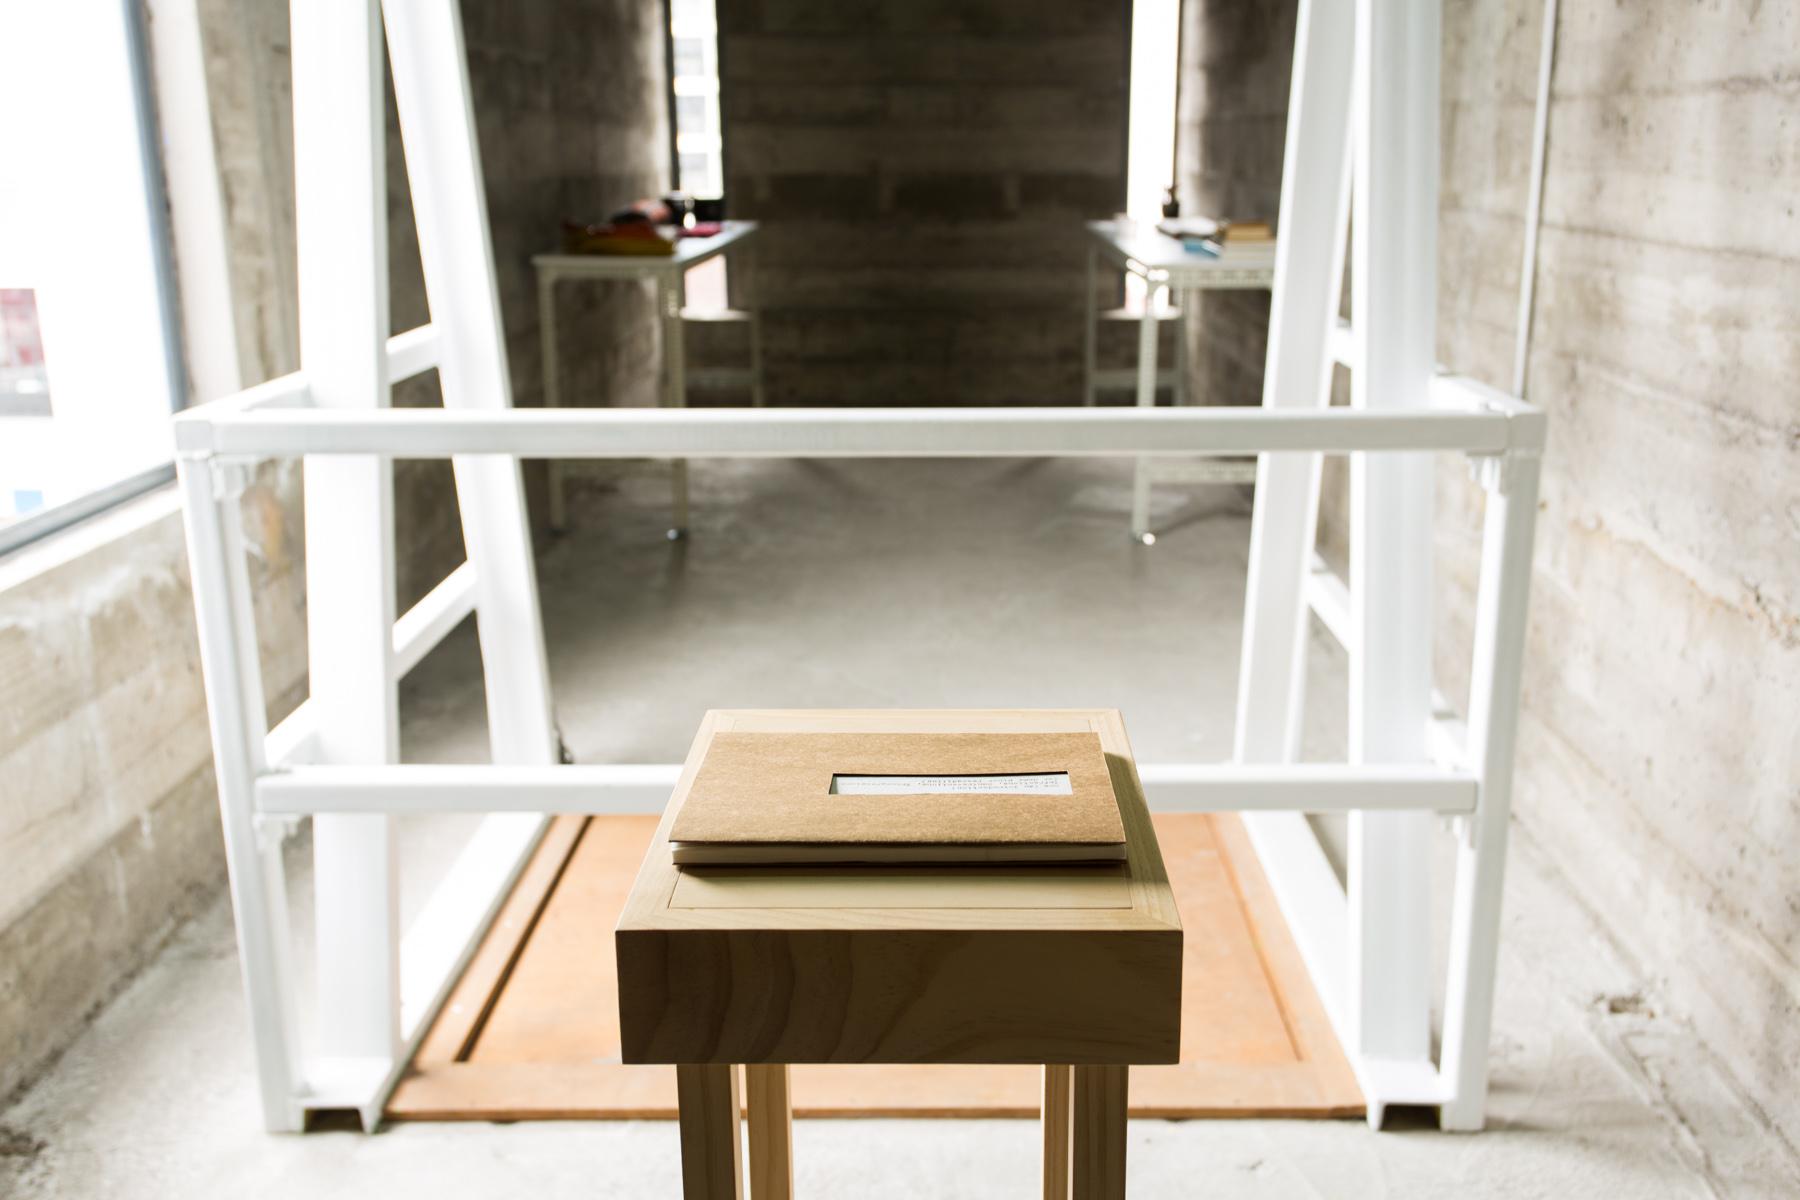 gabrielle_artspace-101.jpg